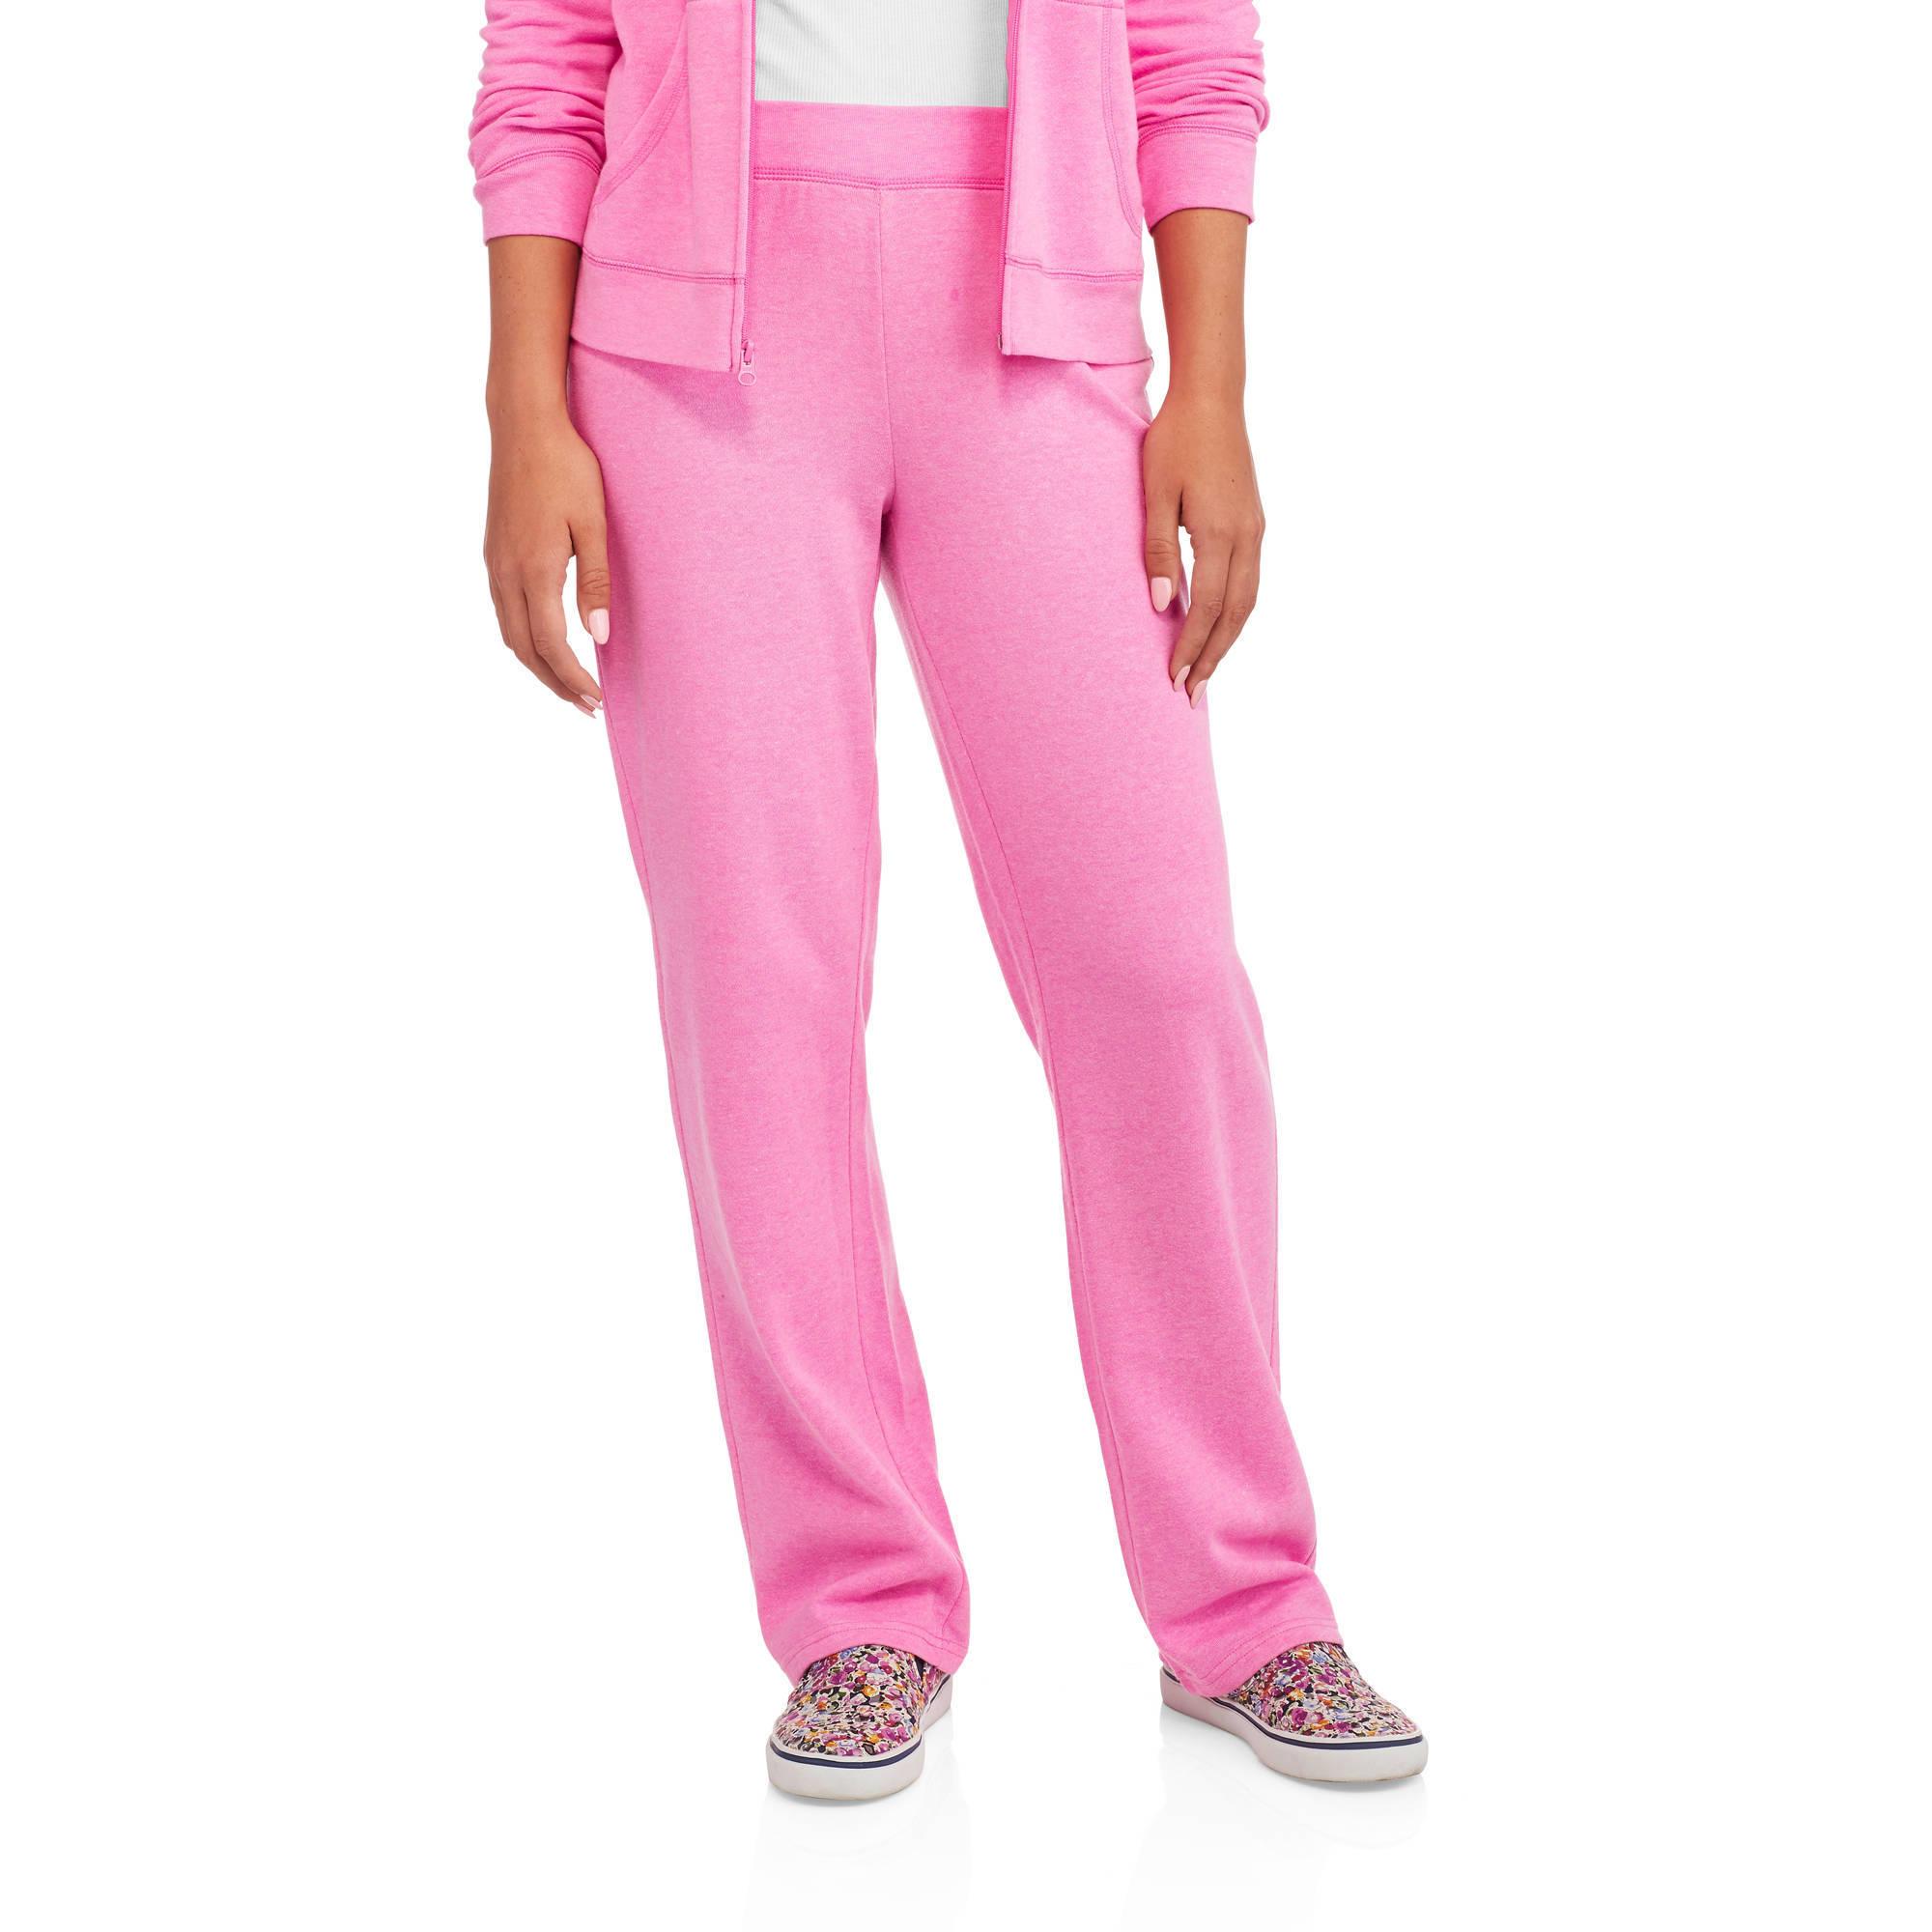 Faded Glory Women's Cozy Fleece Sweatpants